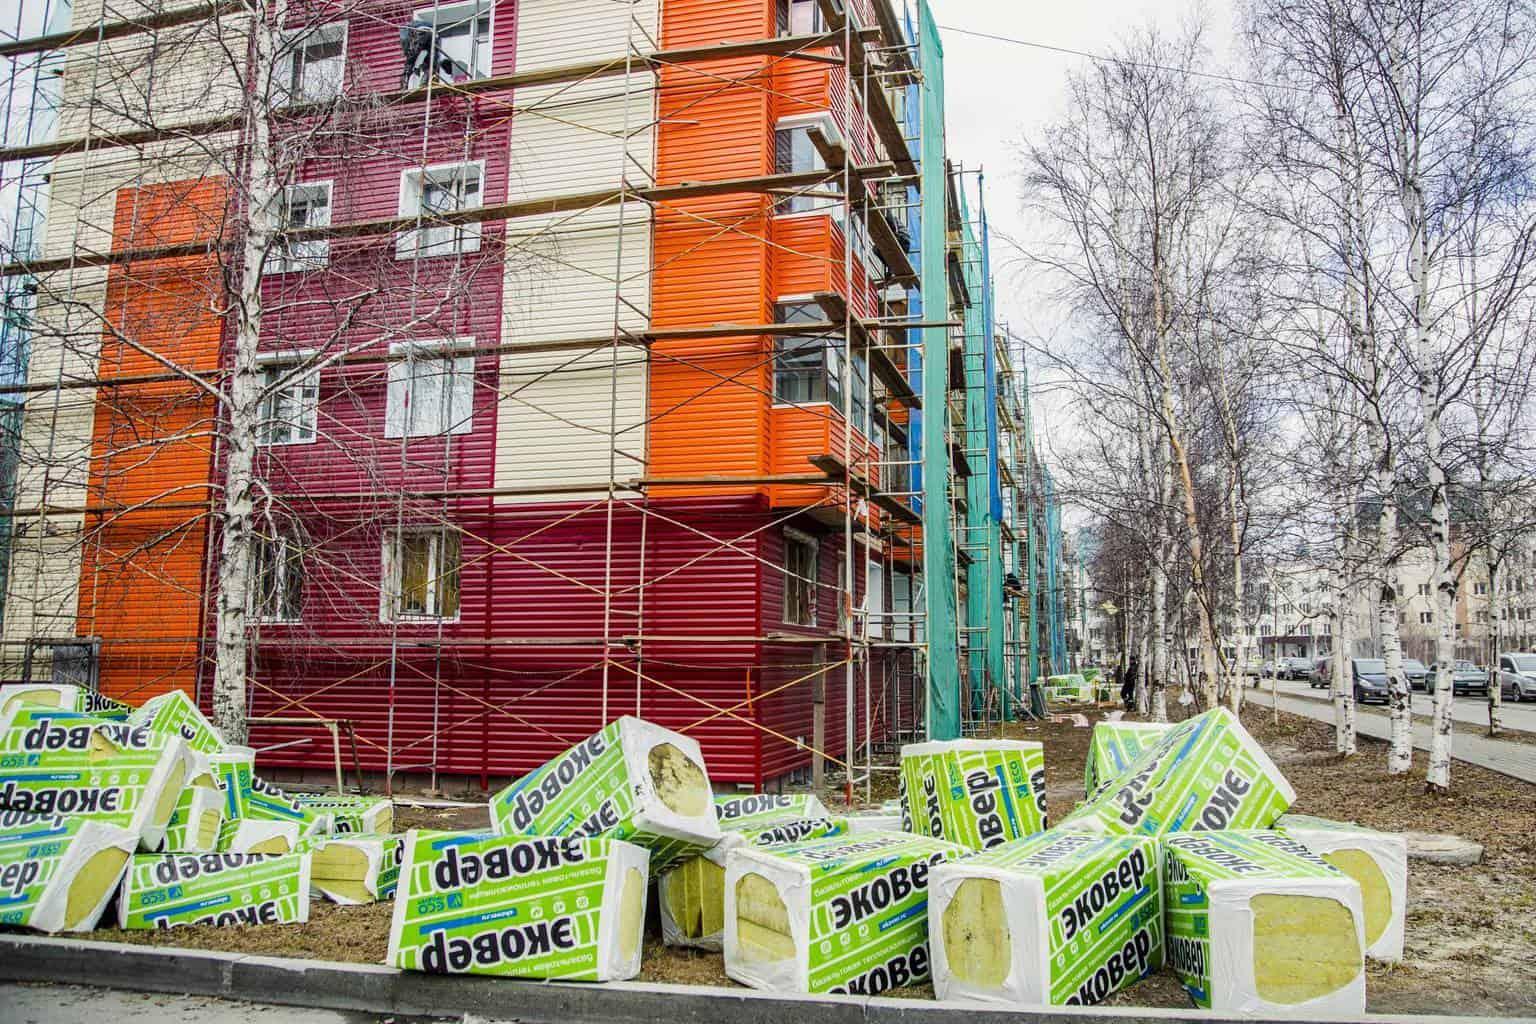 С 1 августа обязанность оплаты взносов на капитальный ремонт наступит у собственников квартир в домах по Калинина 54, и Механизаторов 18. Дома были введены в эксплуатацию в июле 2016, согласно законодательству спустя пять лет собственники начинают копить на капремонт.